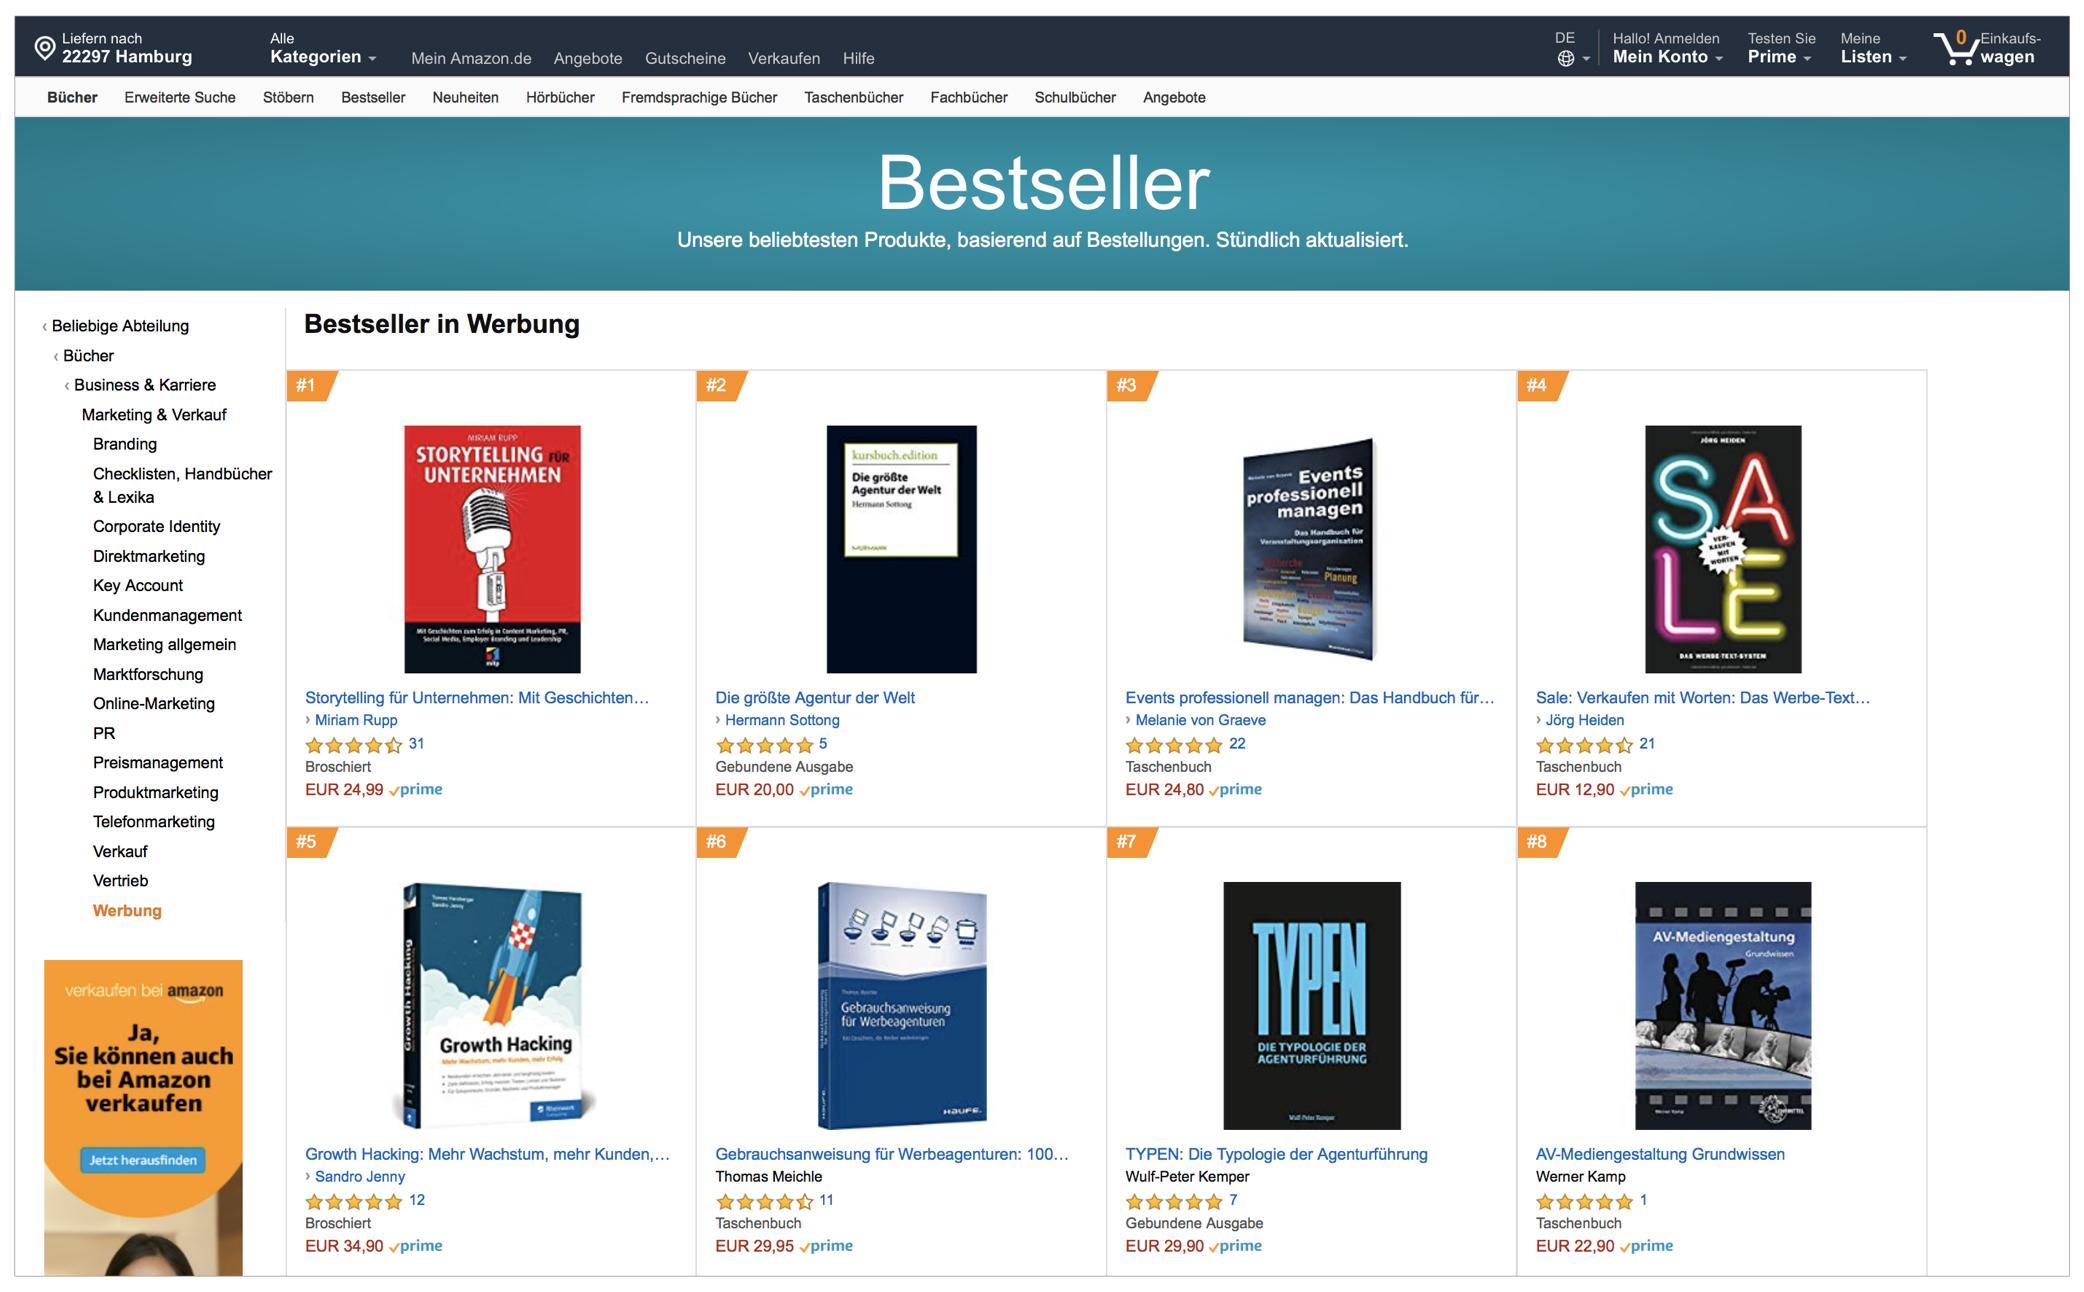 """""""TYPEN - Die Typologie der Agenturführung"""" von Wulf-Peter Kemper - bei Amazon."""